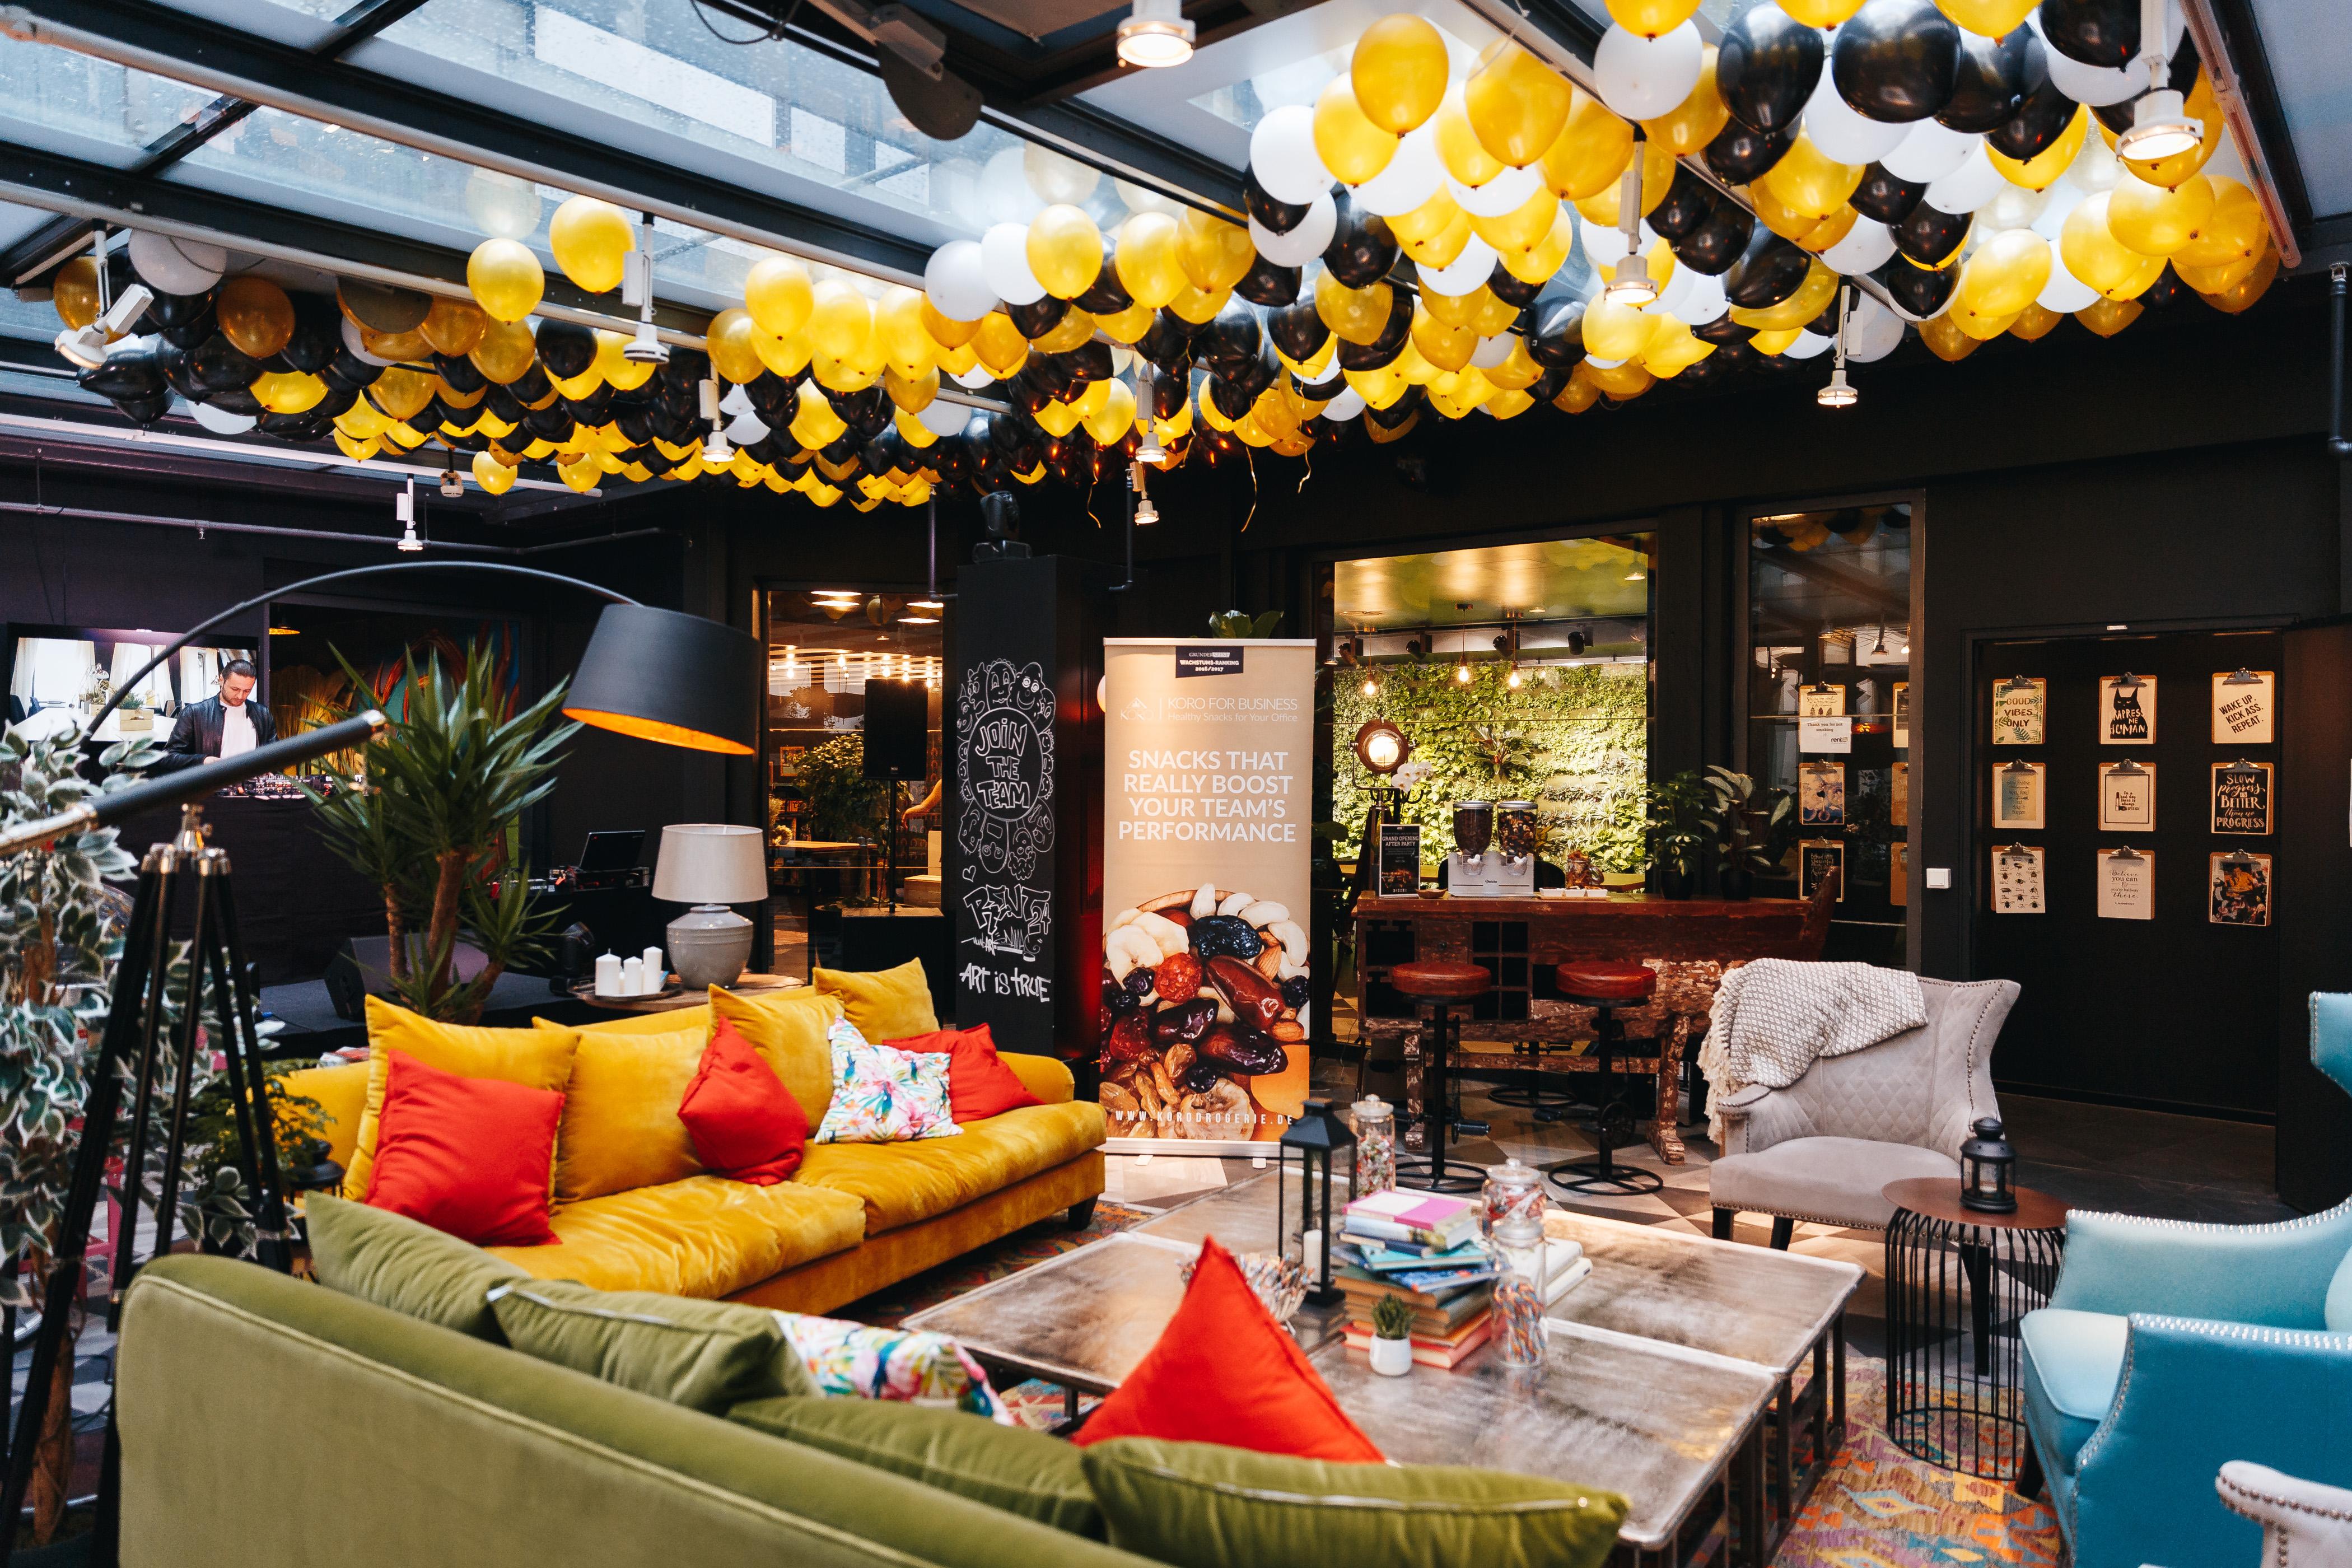 fette grand opening party von rent24 zur er ffnung eines. Black Bedroom Furniture Sets. Home Design Ideas